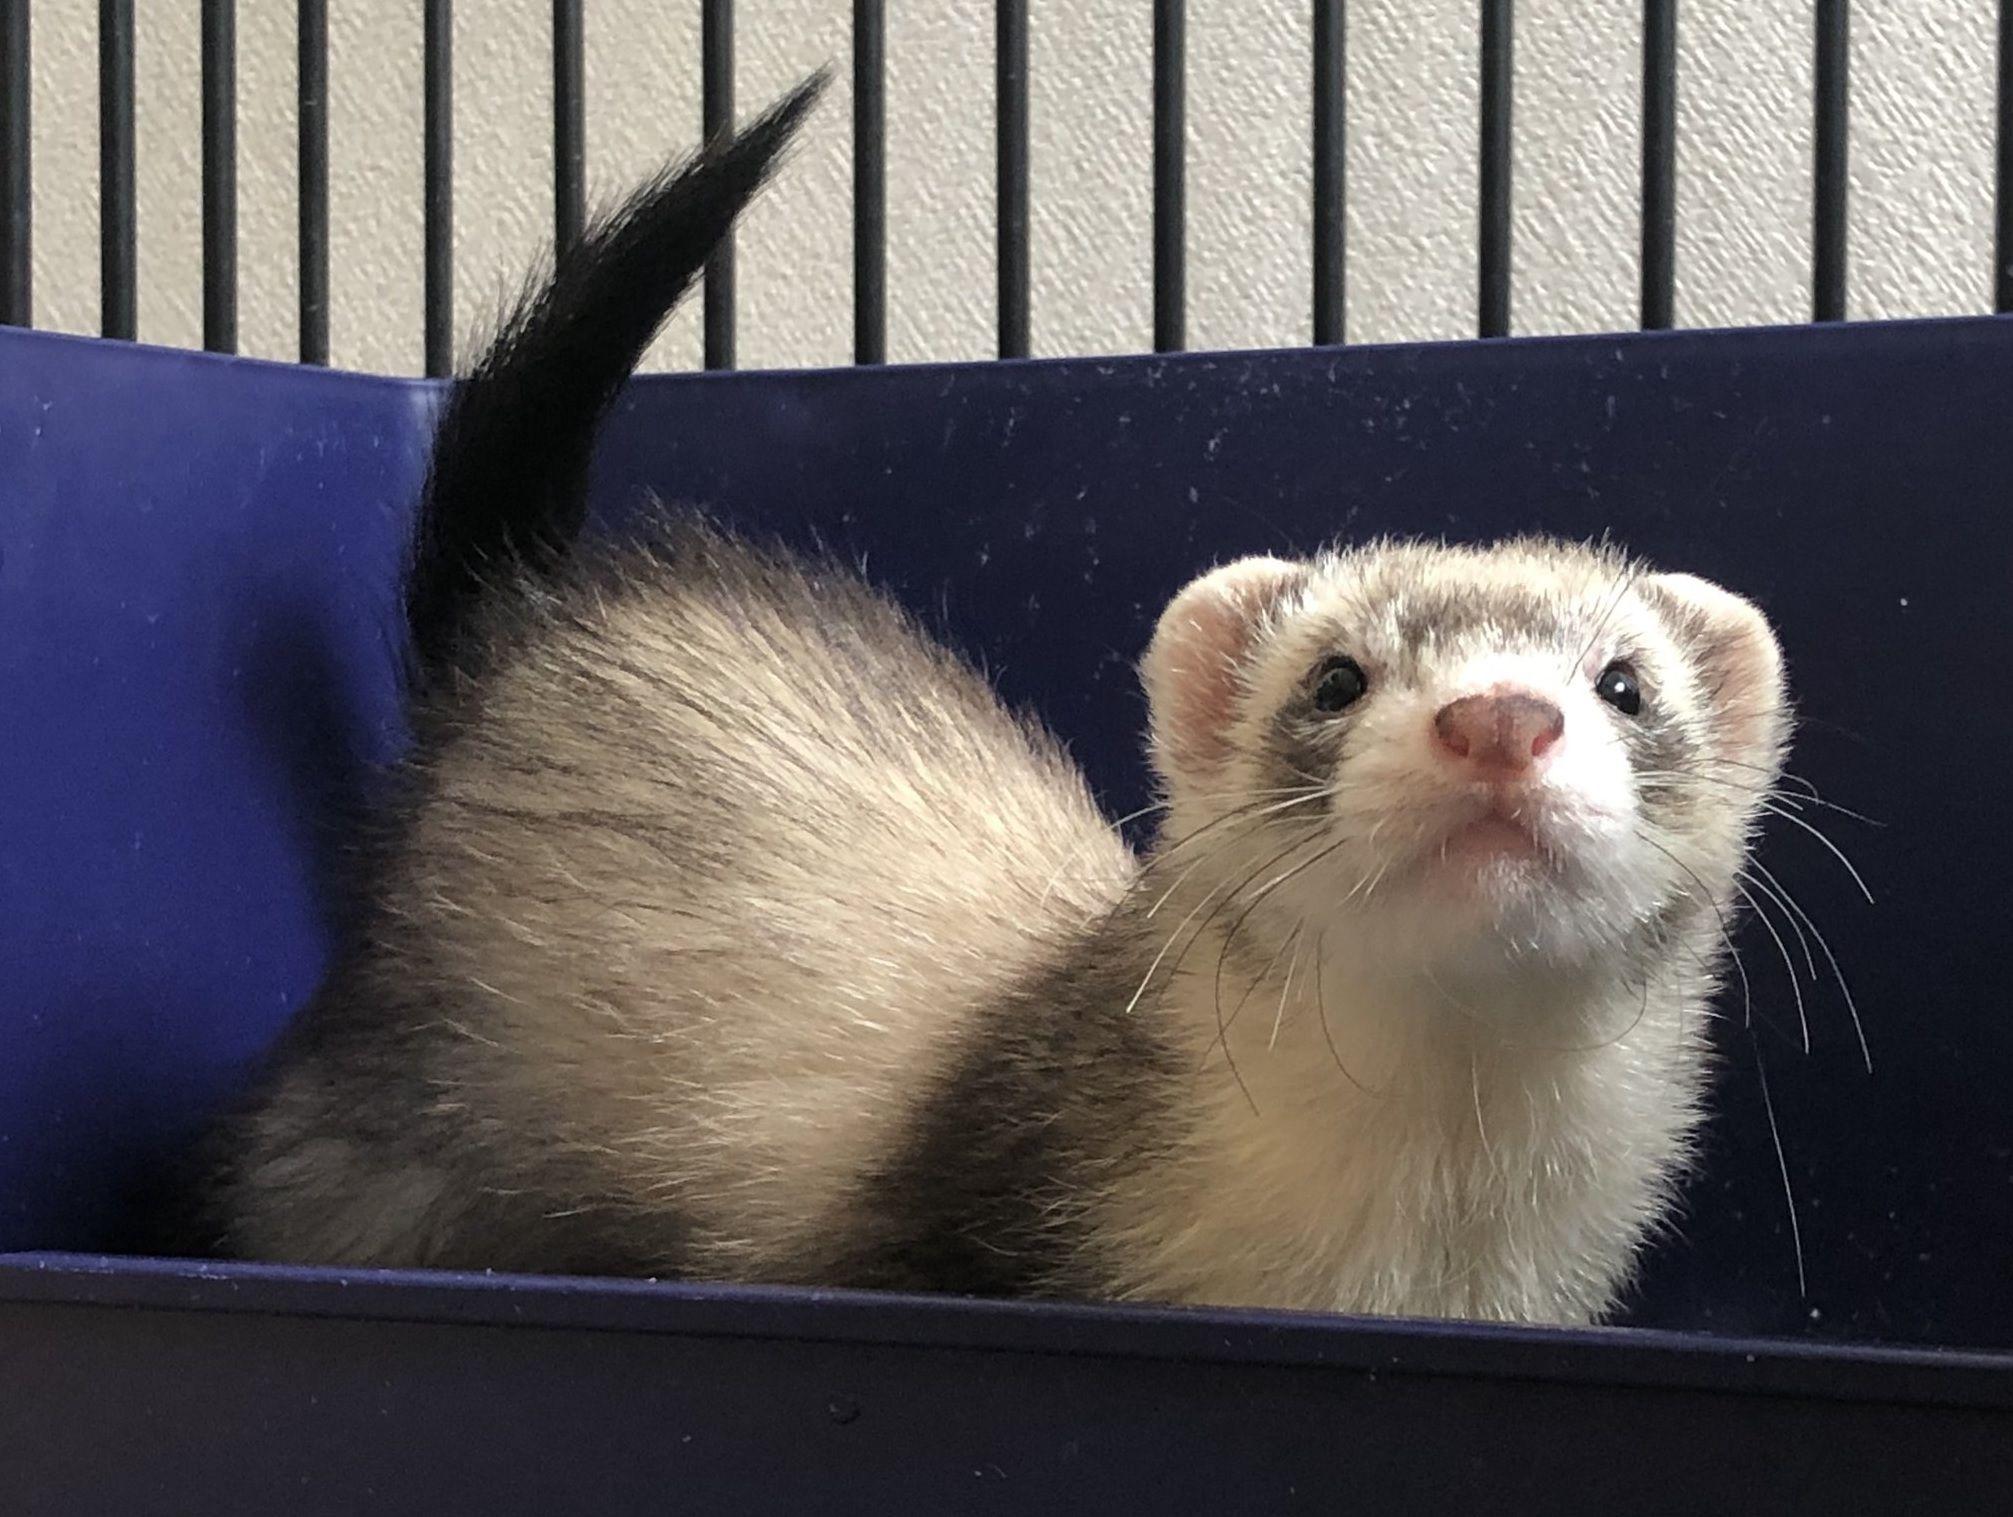 フェレットの種類 ファーム別まとめ 特徴 価格 飼いやすさを徹底解説 エキゾチックアニマル フェレット かわいい 小動物